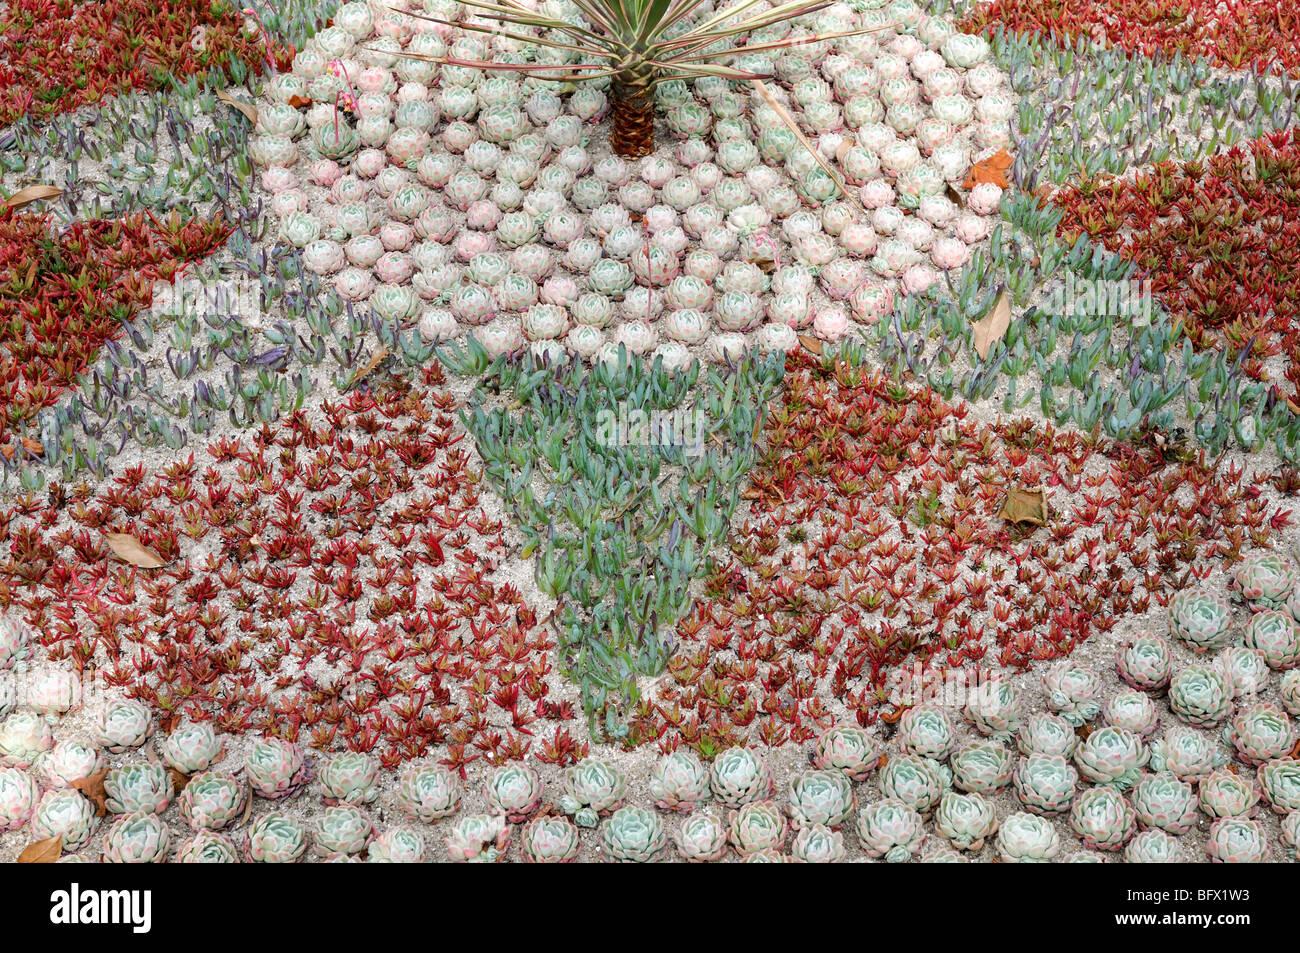 Anzeige Von Saftigen Dürre Tolerant Pflanzen In Ein Geometrisches Design  Gartenarchitektur Gartenbau Xeriscaping